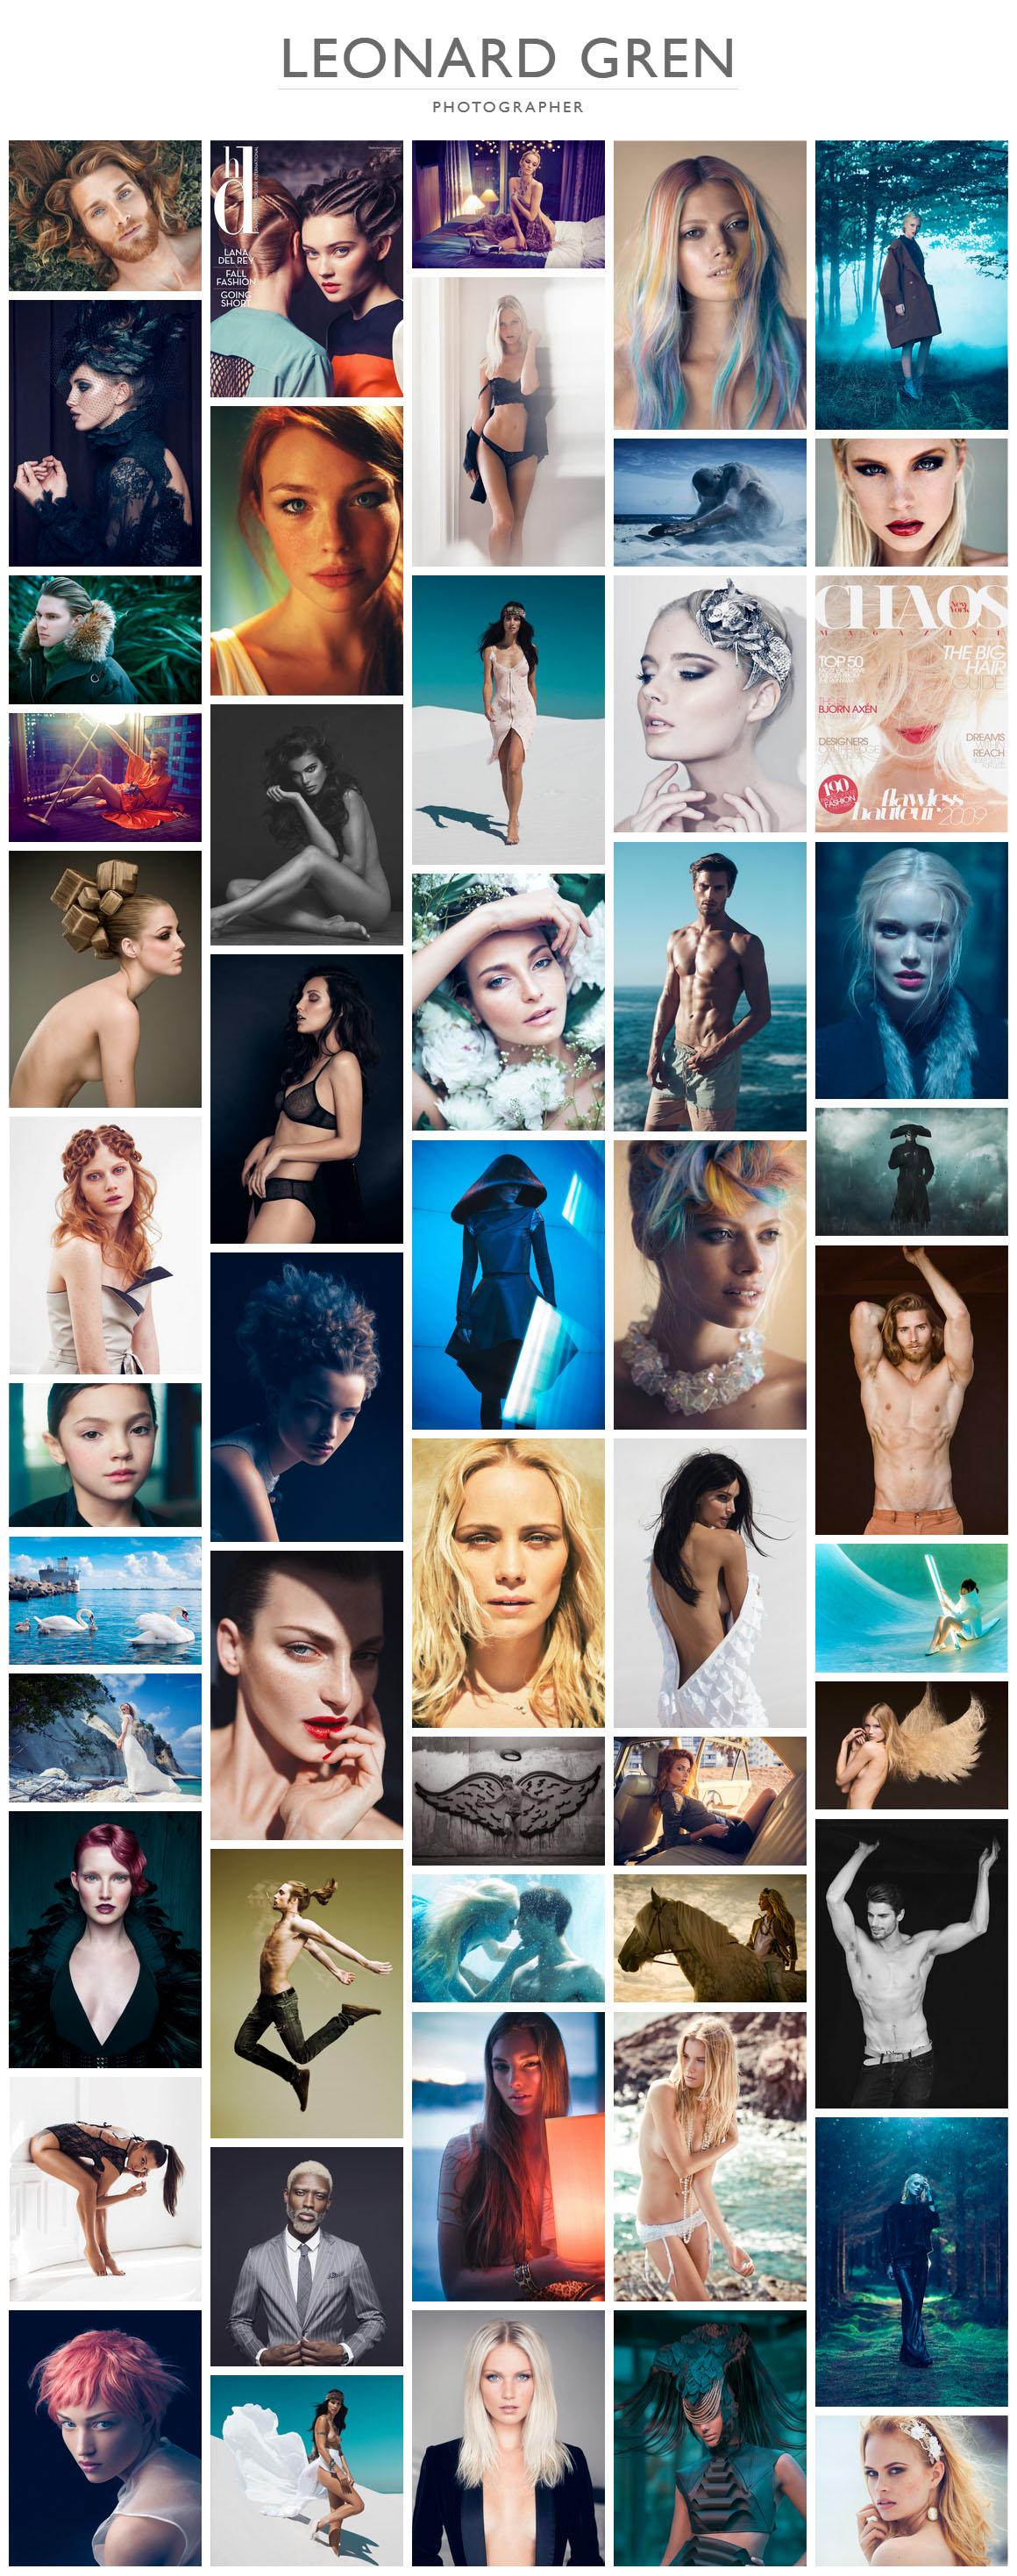 http://www.leogren.com/modelmayhem/leonard_gren_photography.jpg